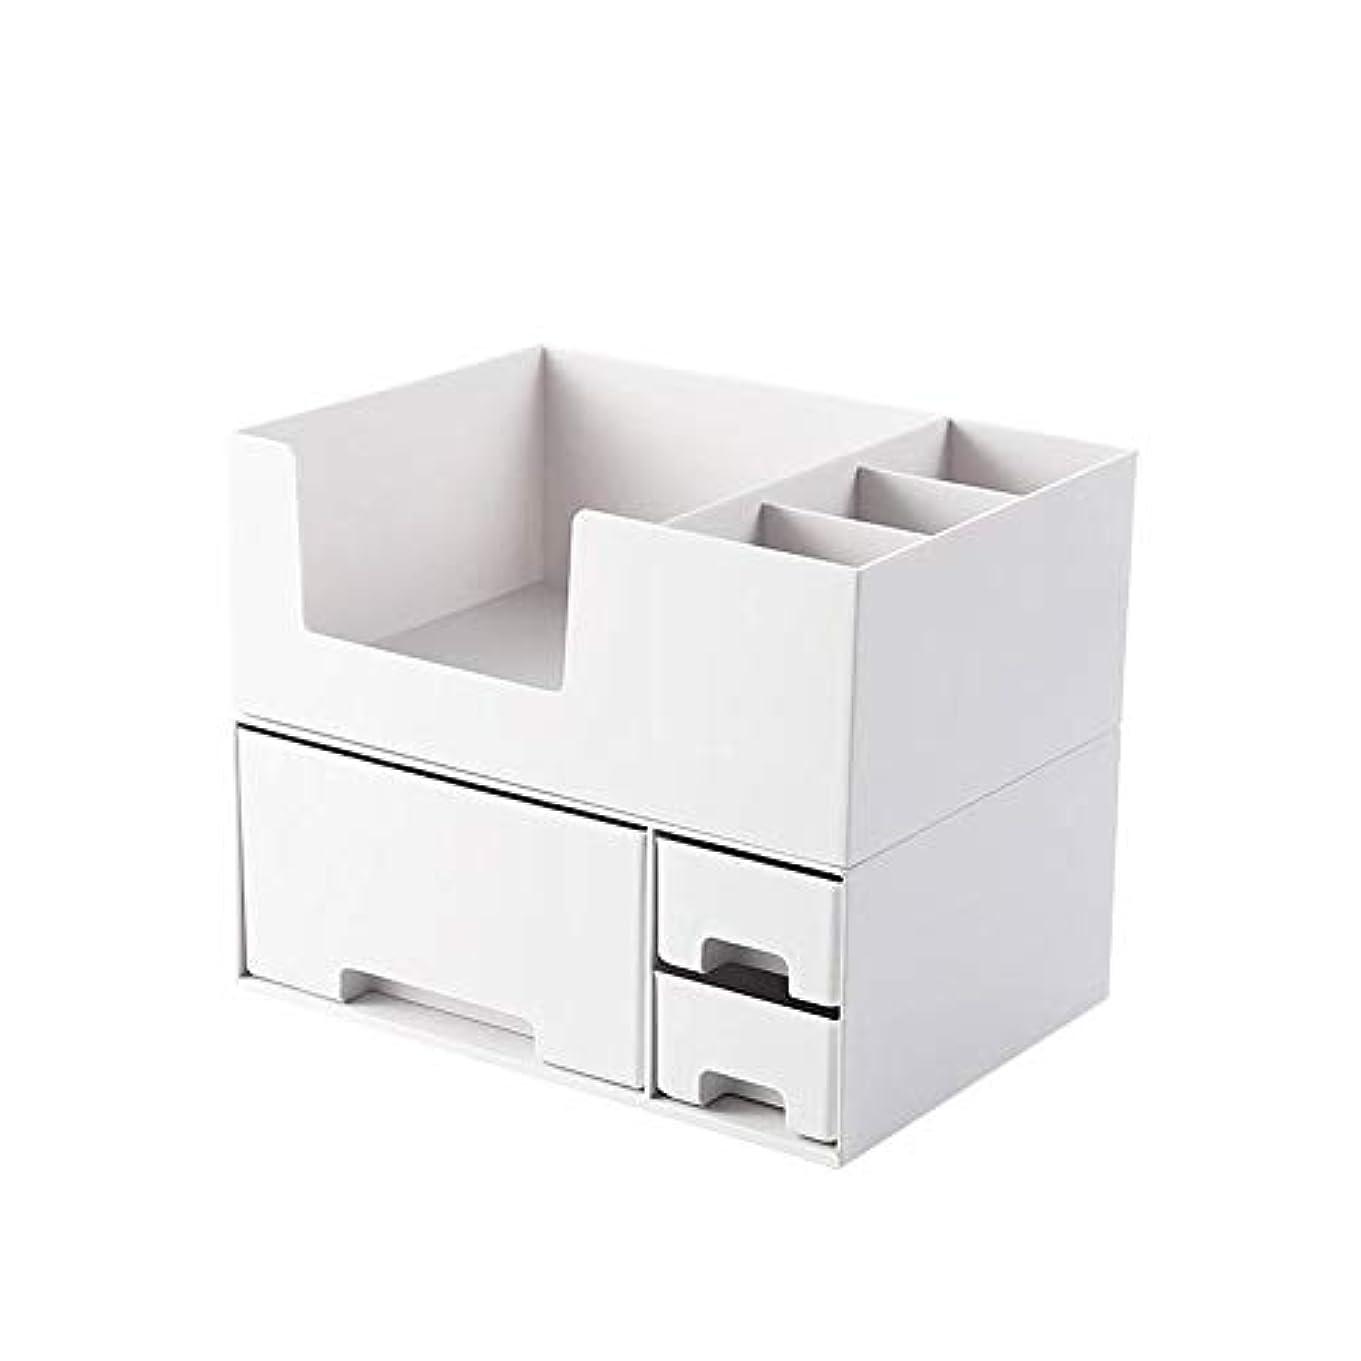 とげのあるクラシックメイエラBostar 化粧品収納ボックス メイクボックス コスメケース 引き出し 小物入れ 収納ケース 整理簡単 北欧 おしゃれ ホワイト